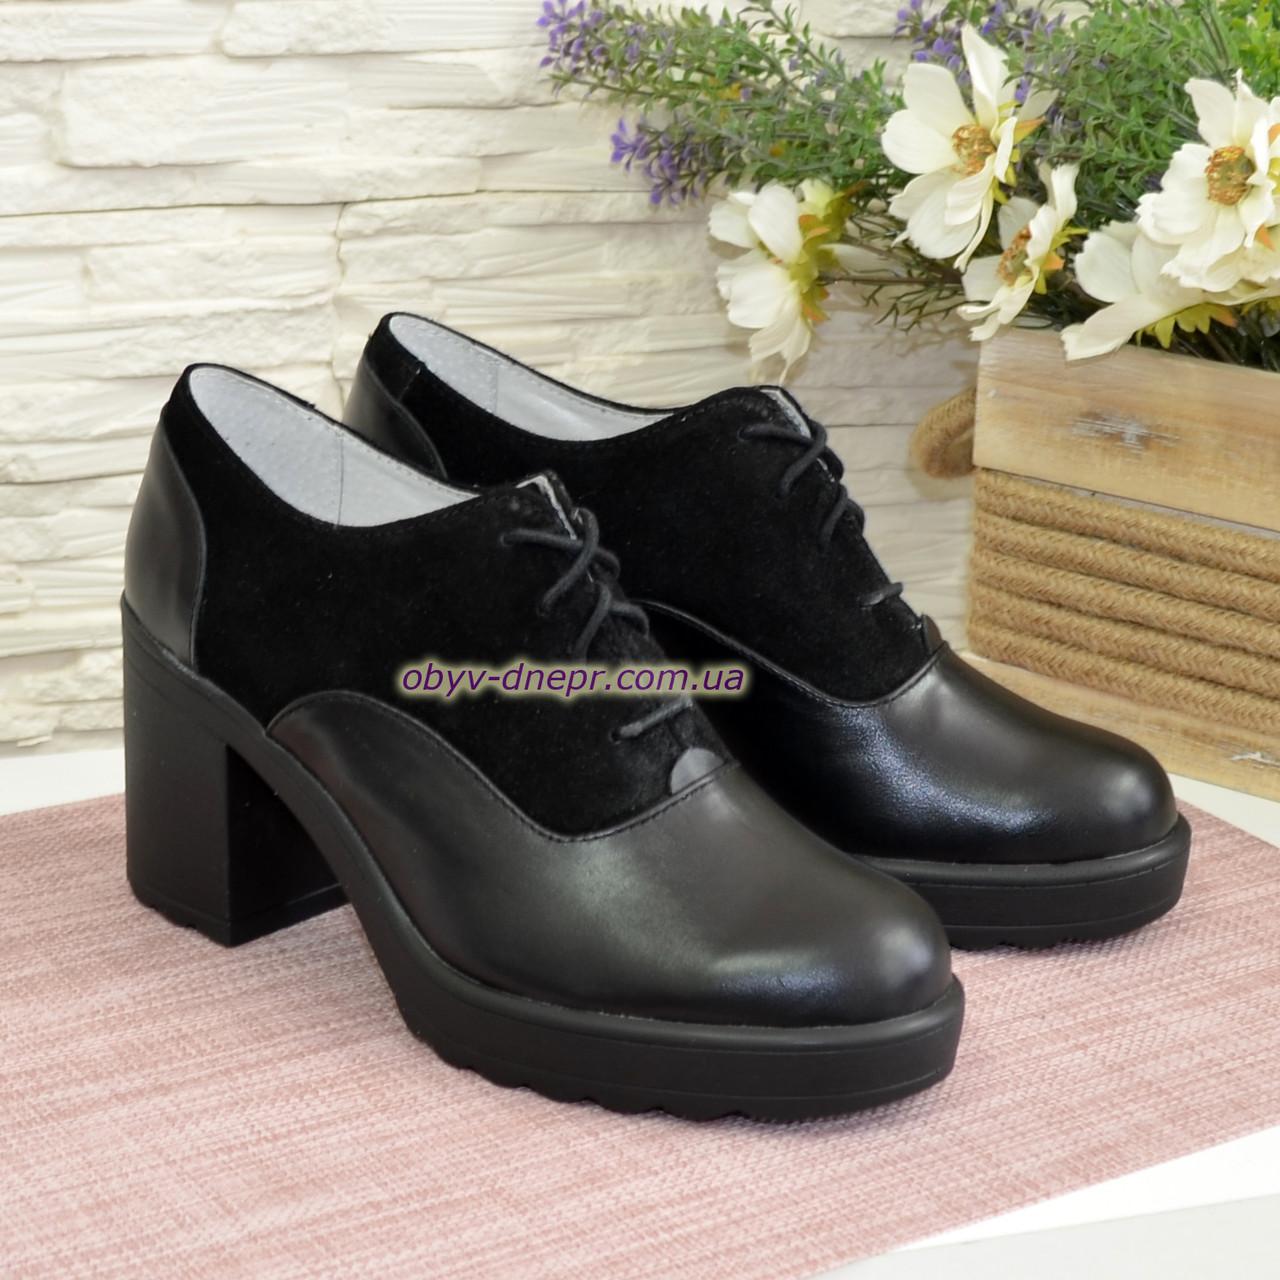 Туфлі жіночі на широкому стійкому каблуці, натуральна шкіра і замша